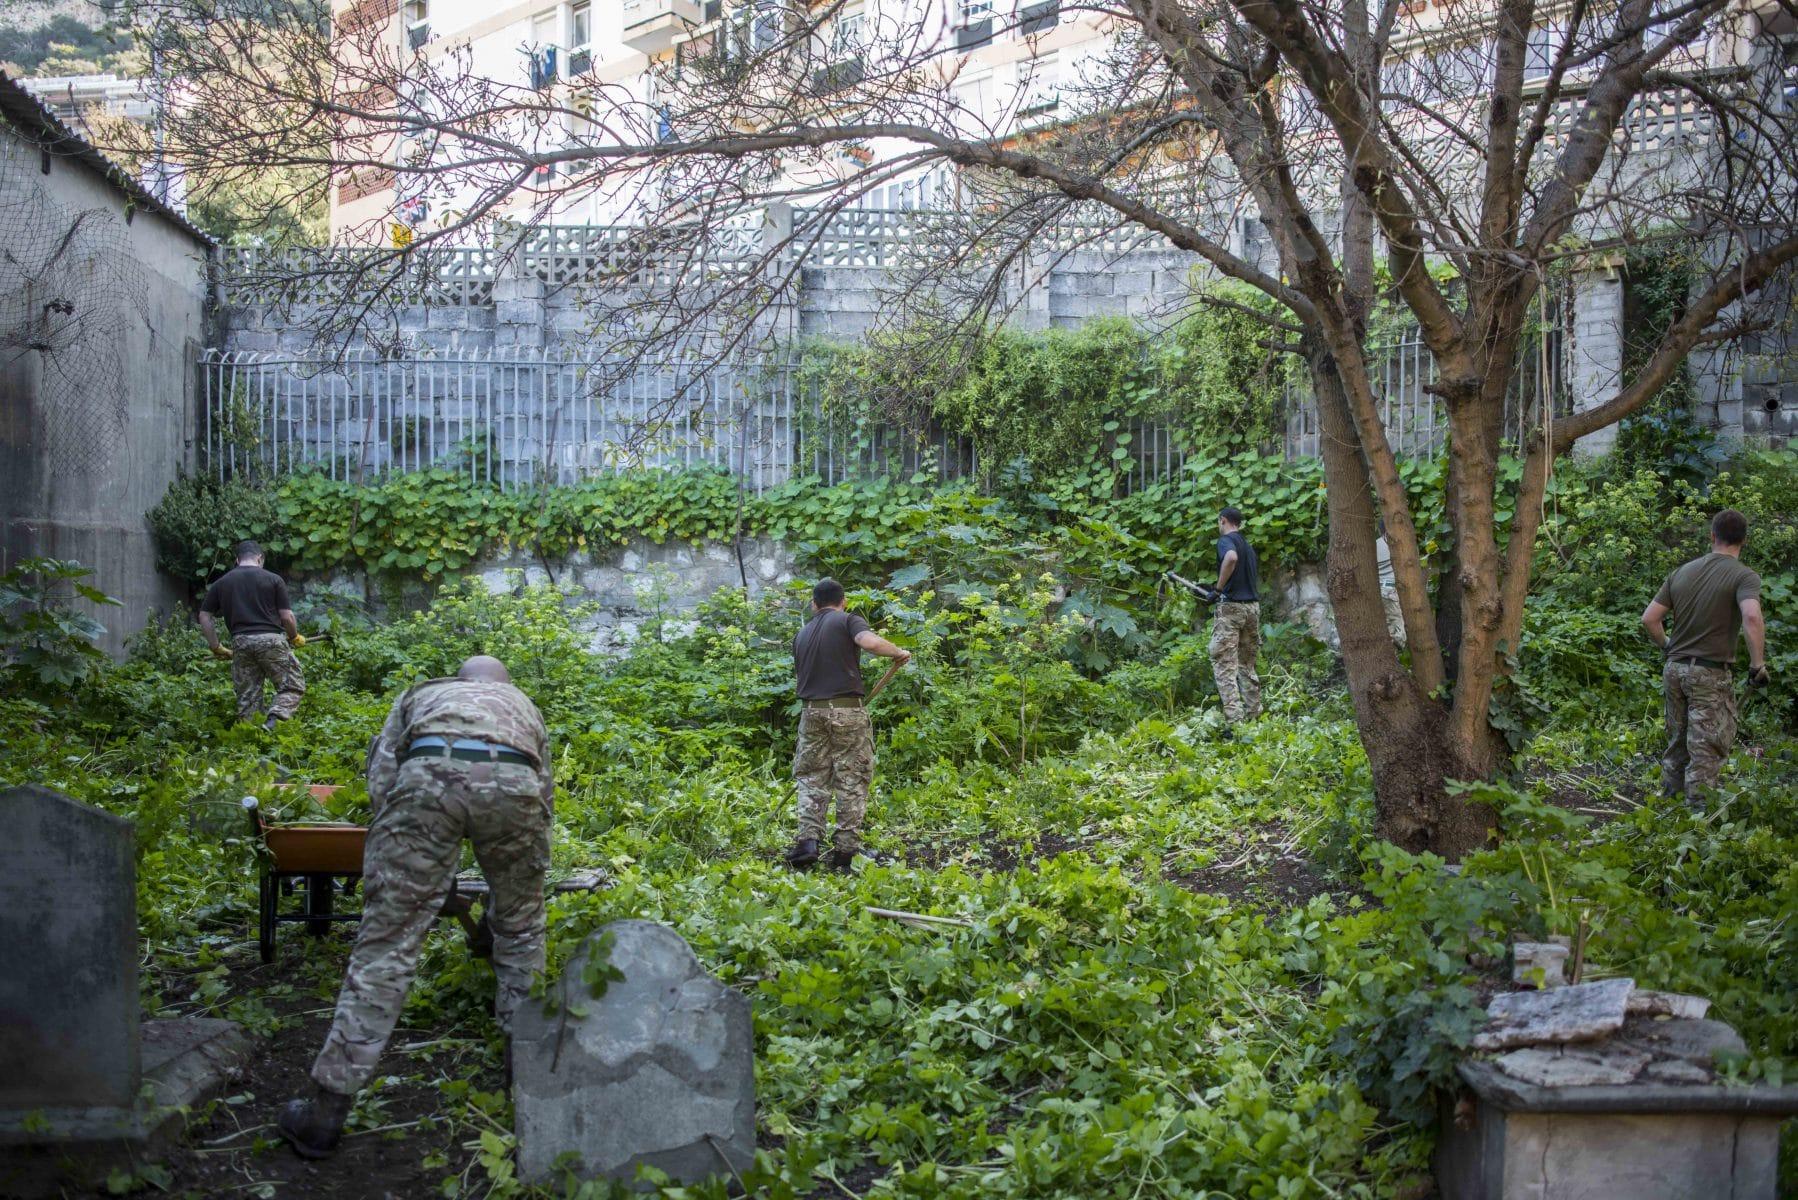 restauracin-cementerio-witham-7_25110008999_o